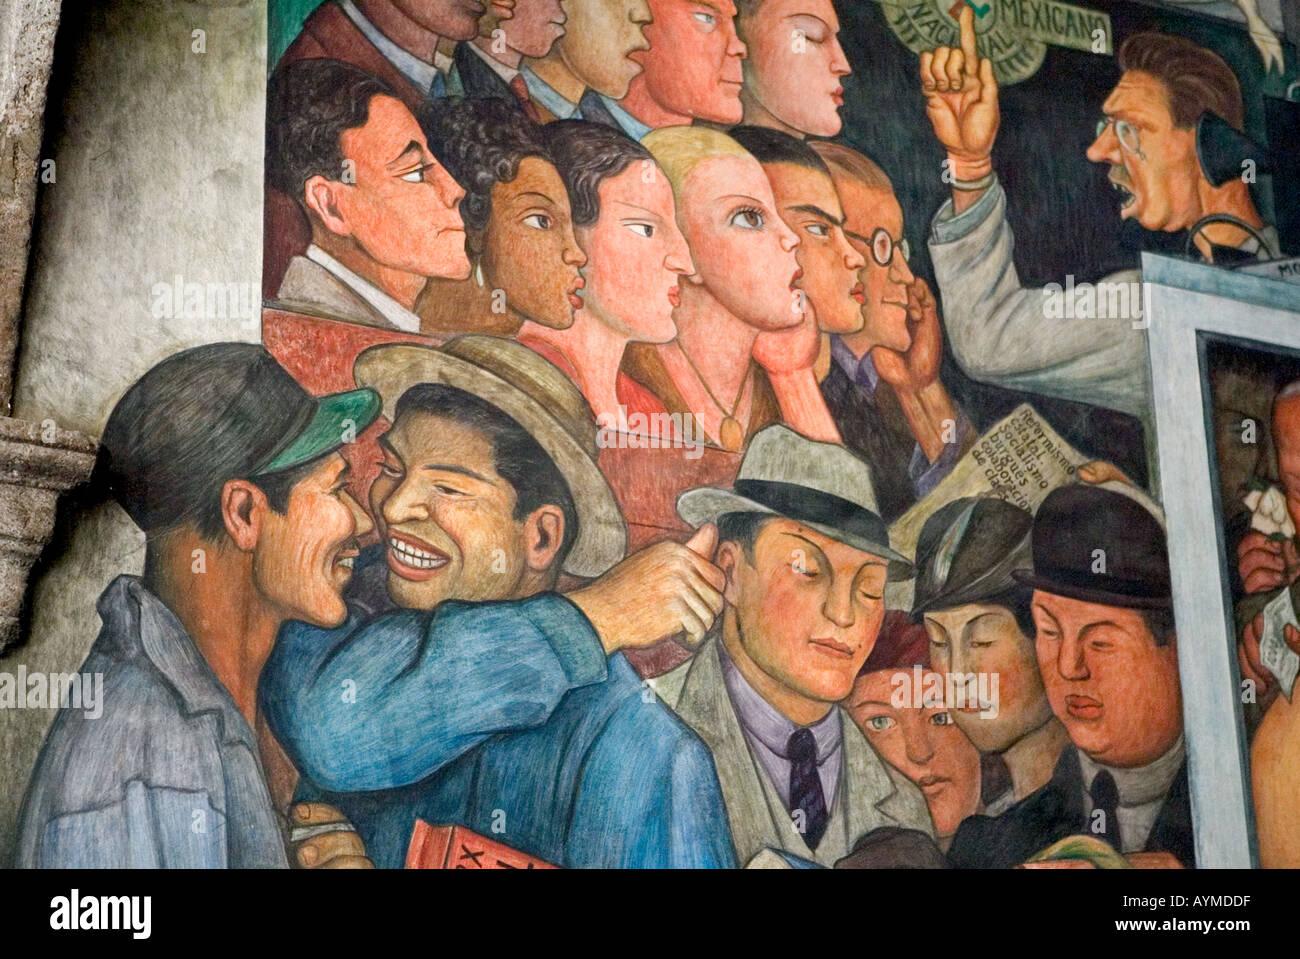 El Artista Mexicano Diego Rivera Mural De La Historia Mexicana En El